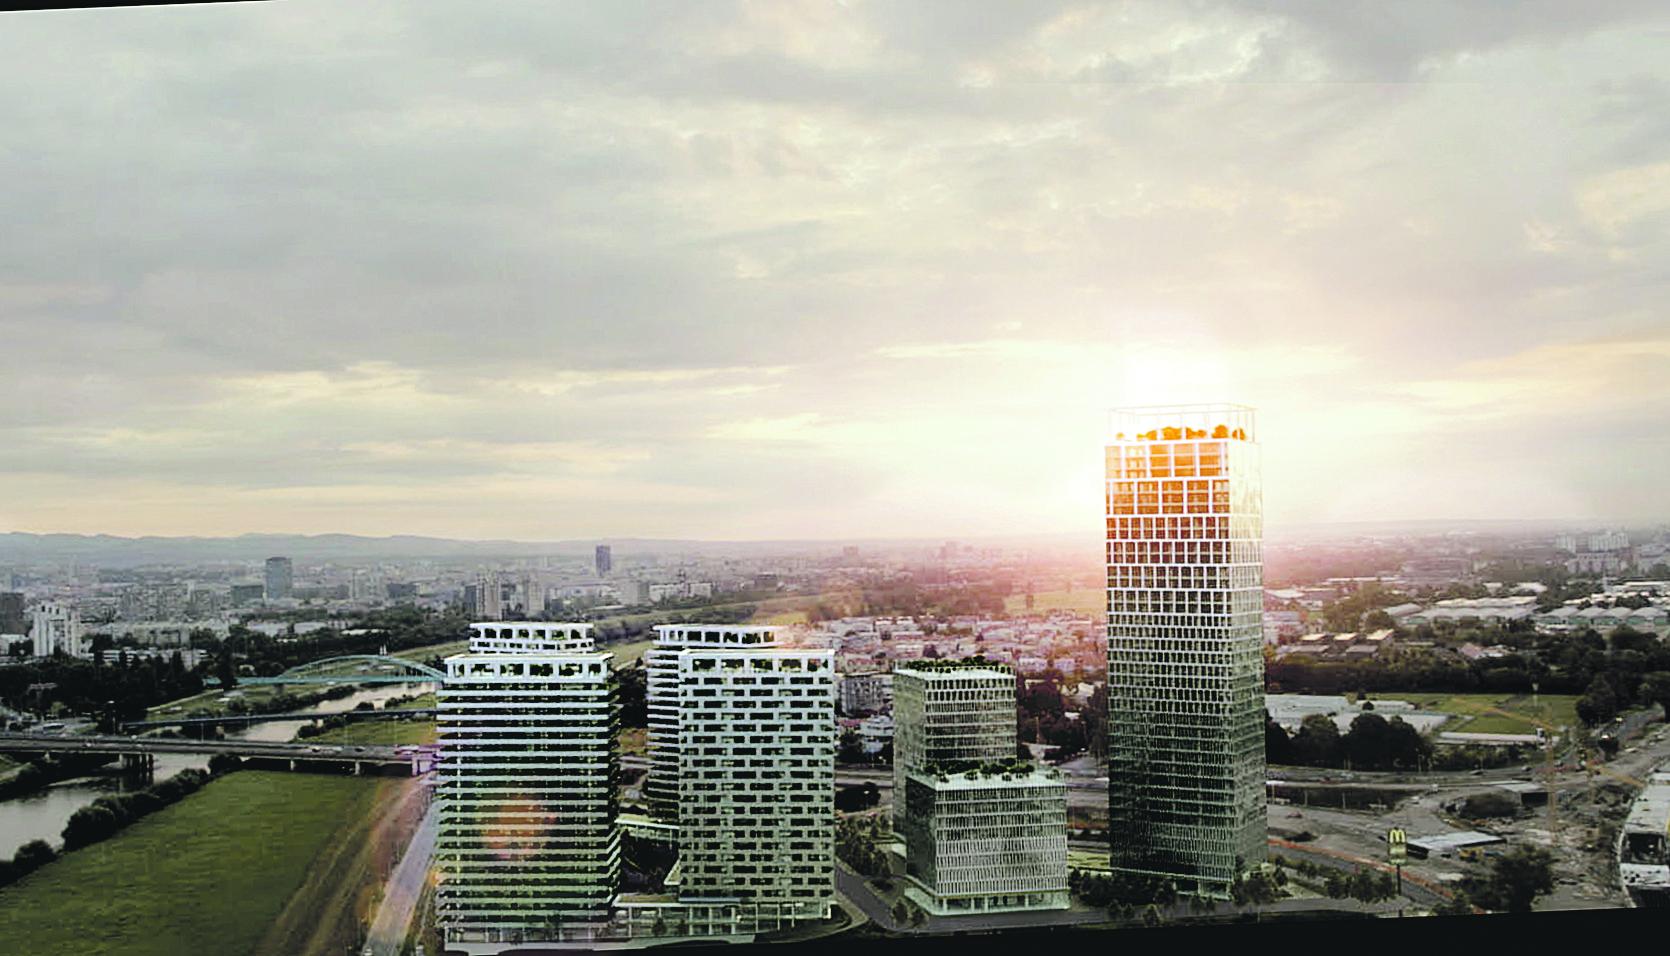 Novac Nakon 12 Godina Krece Projekt Jarun Panorama Kojeg Su Pratile Brojne Kontroverze